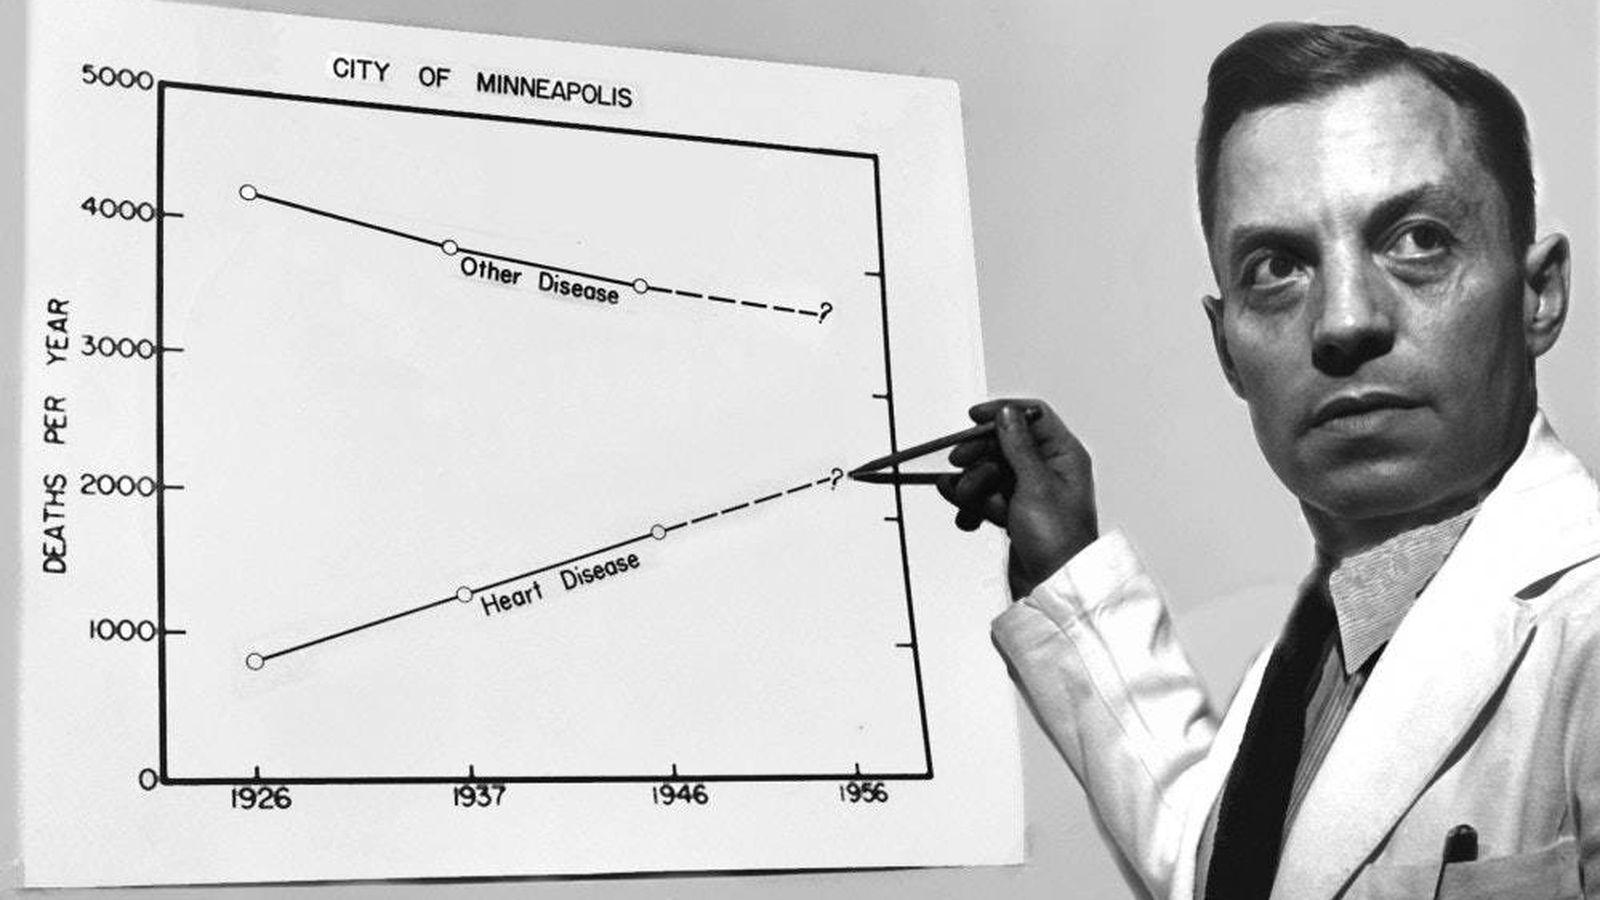 Foto: Ancel Keys junto a su célebre gráfico de enfermedades coronarias.